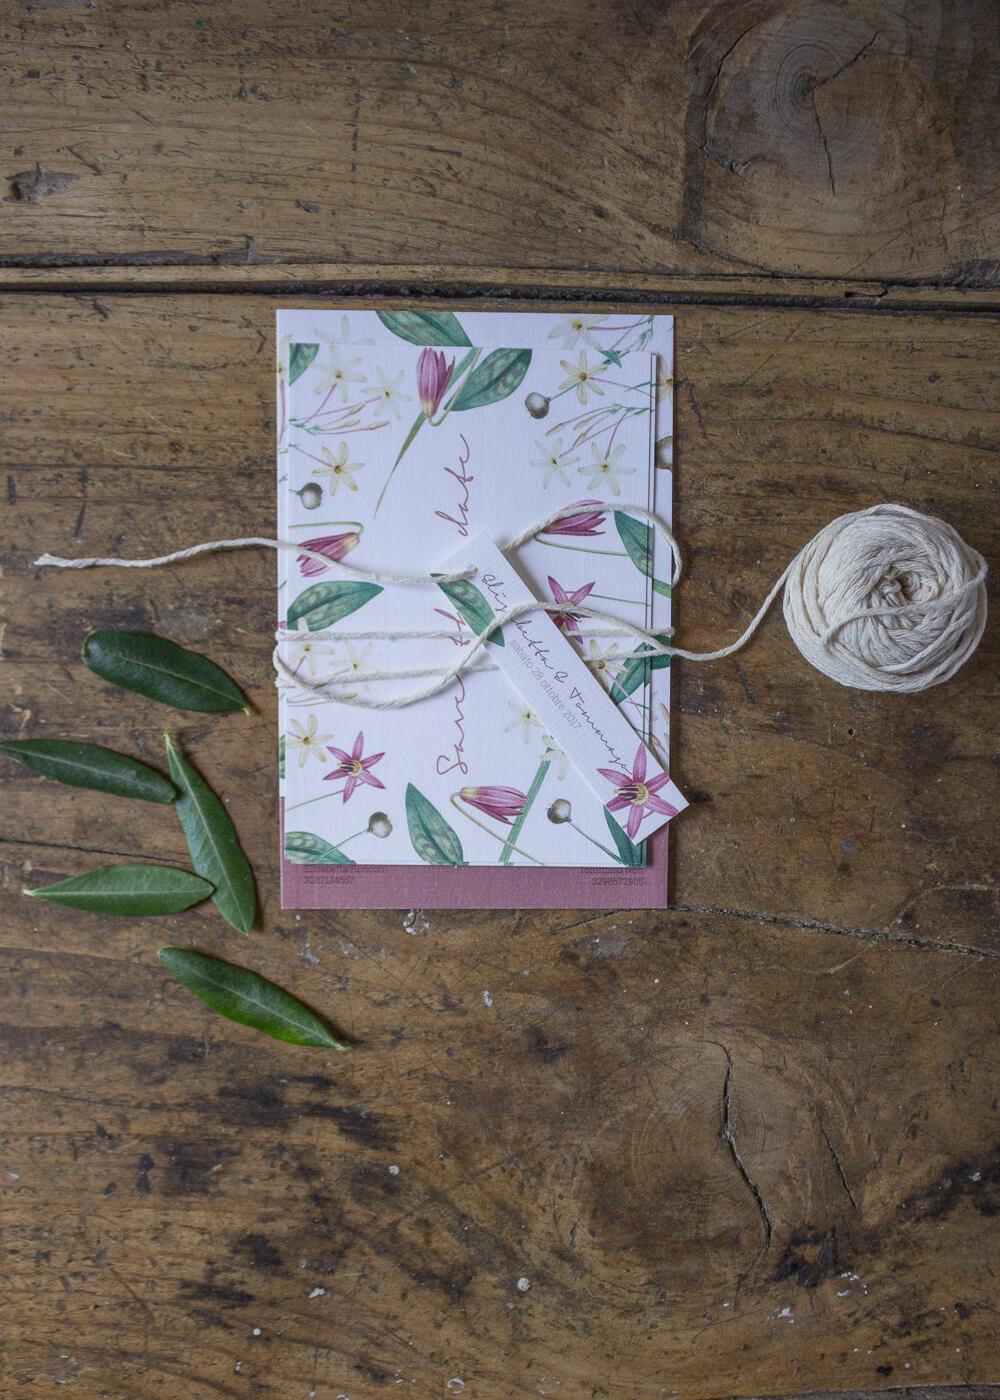 Wedding suite botanica Lillie - Cartoleria per matrimonio in carta vergata - Dettagli botanici - Lily&Sage Design